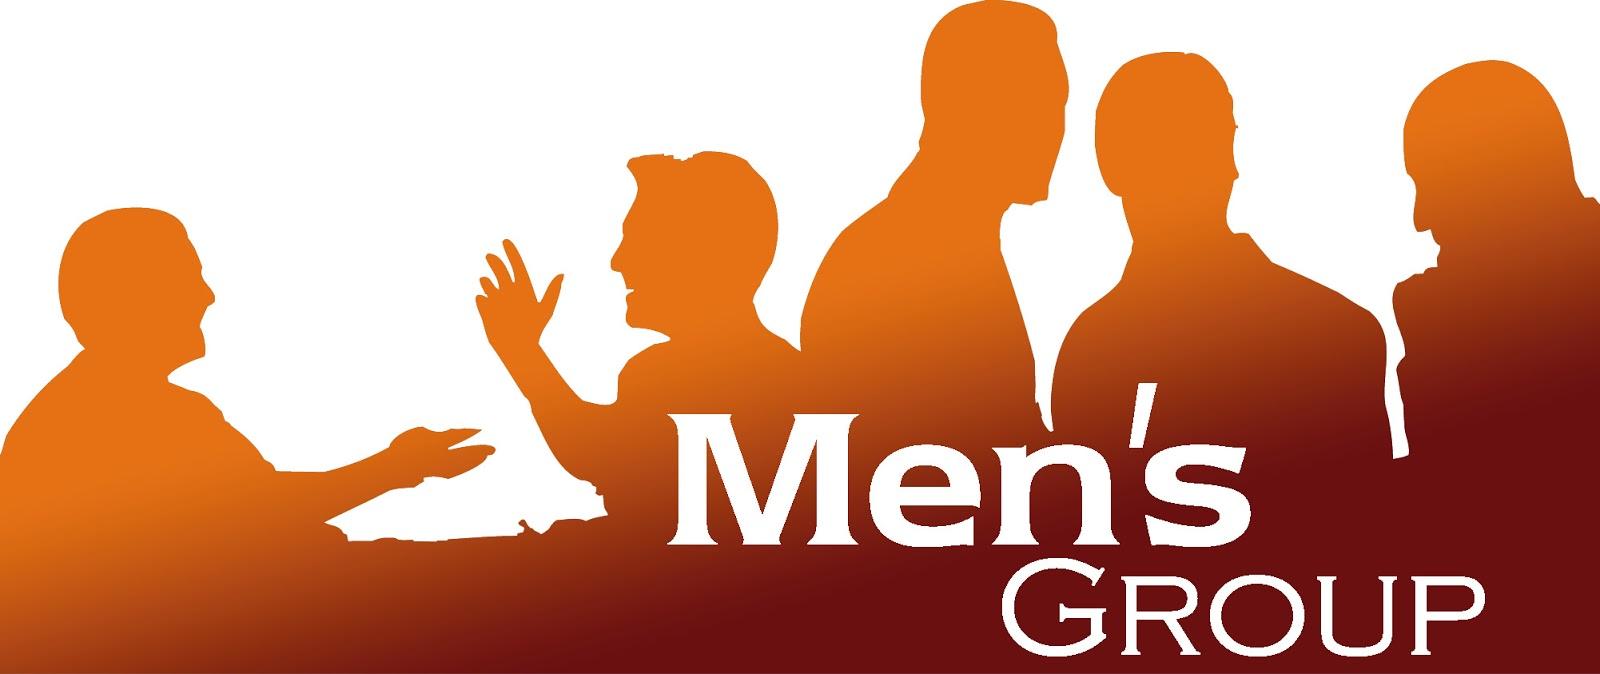 meetings centerville fellowship mens meeting